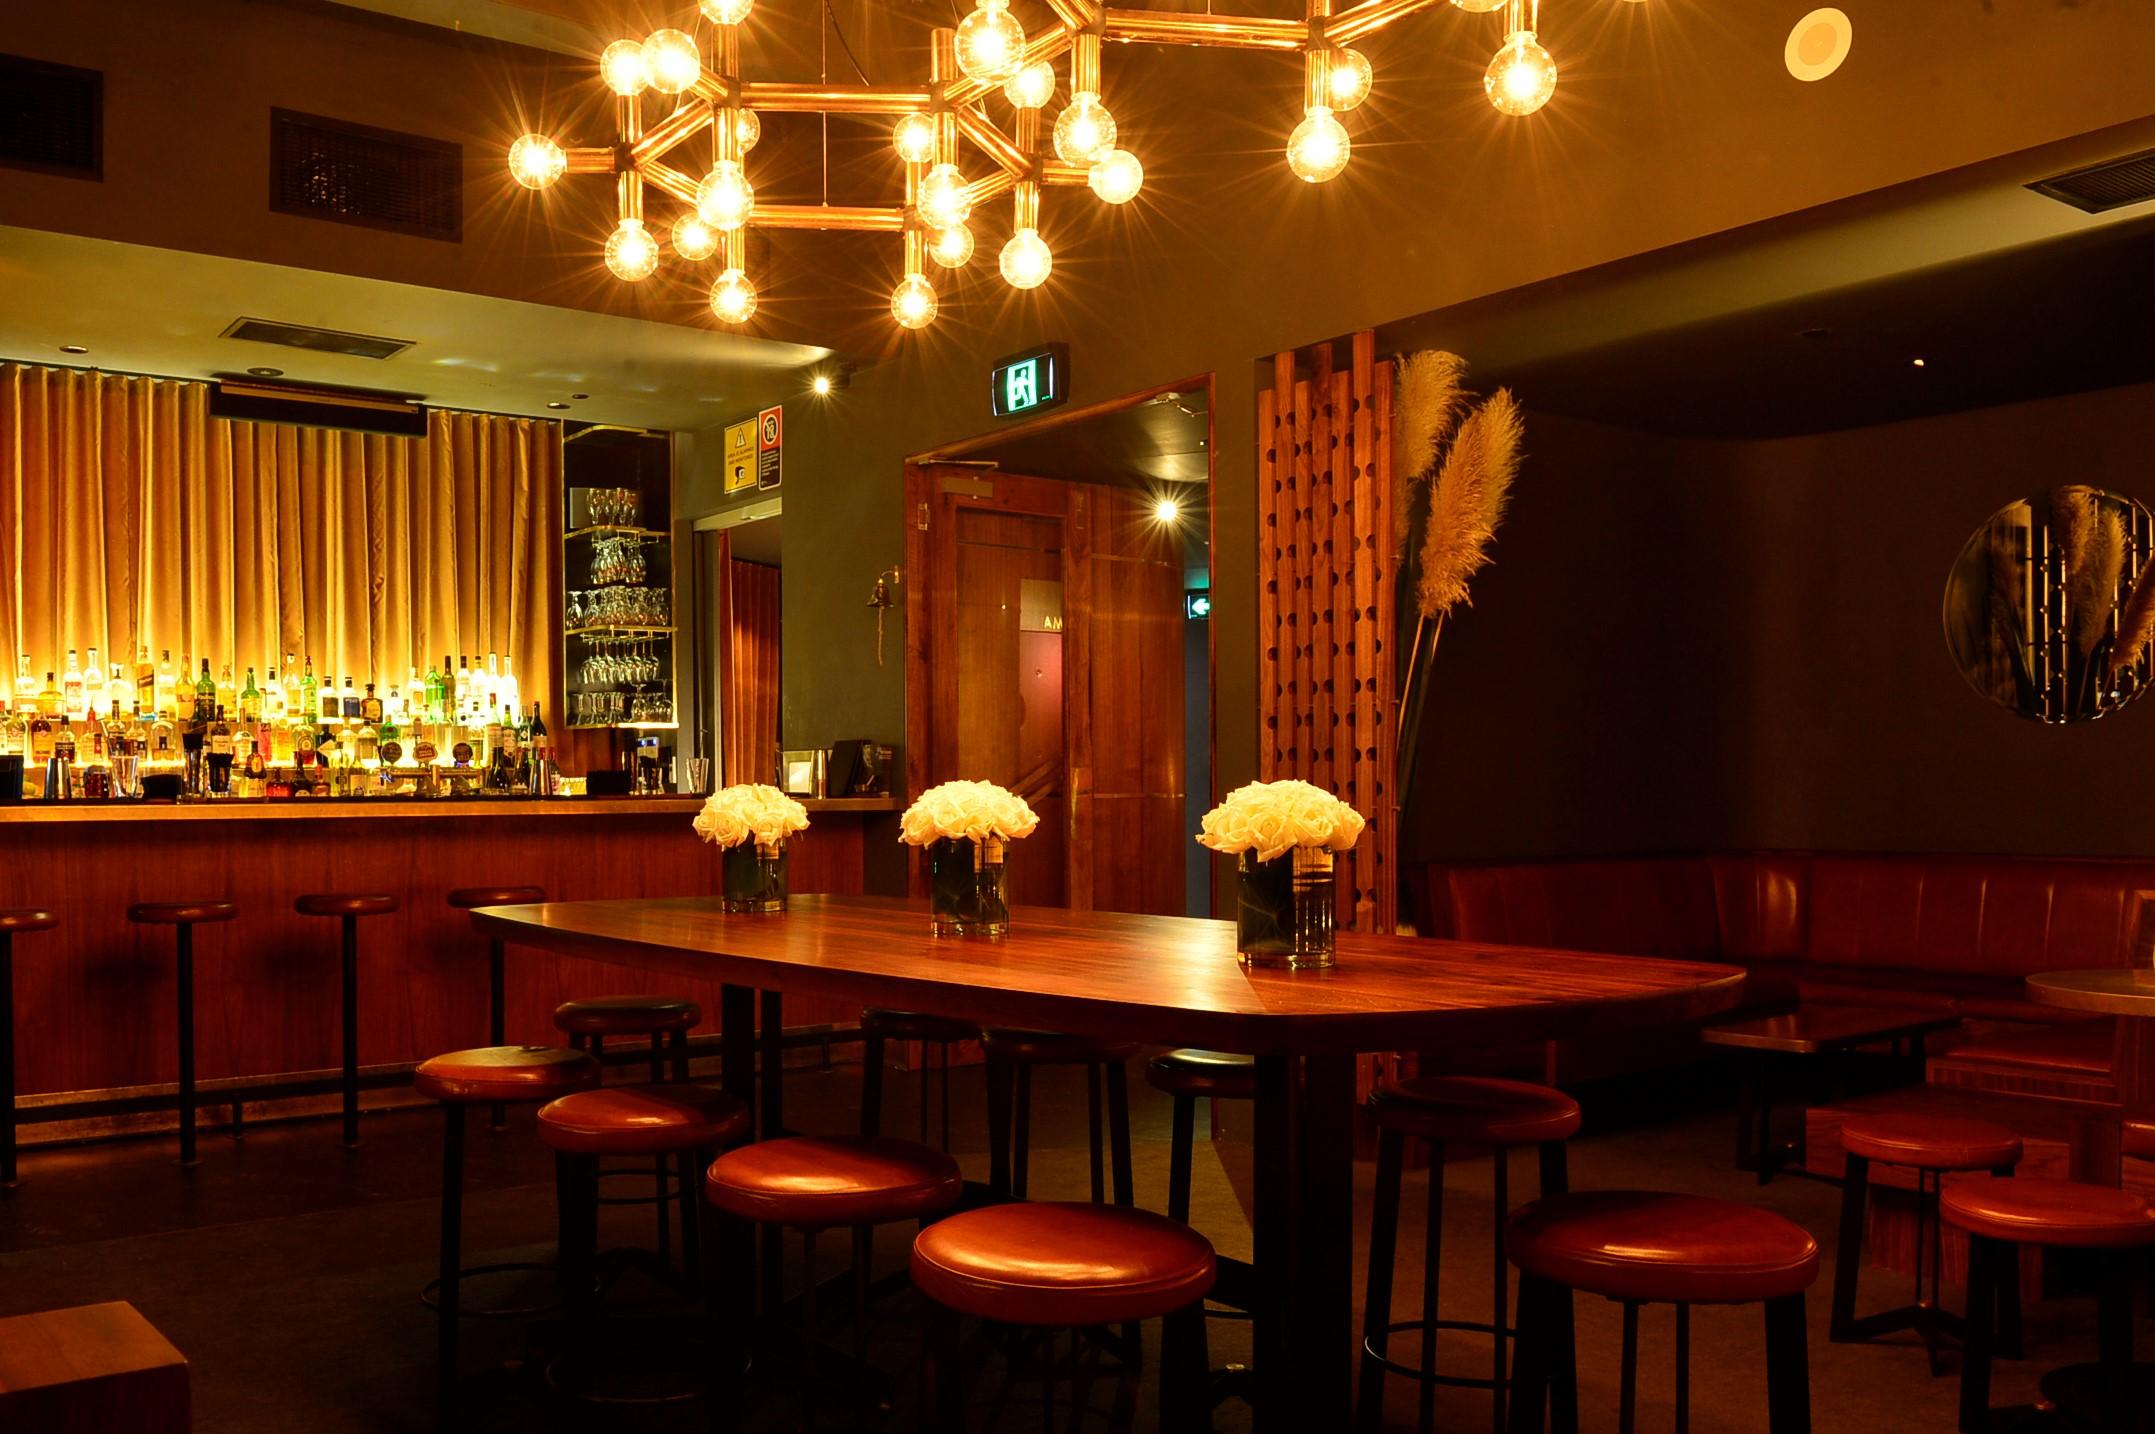 Golden Age Cinema Bar